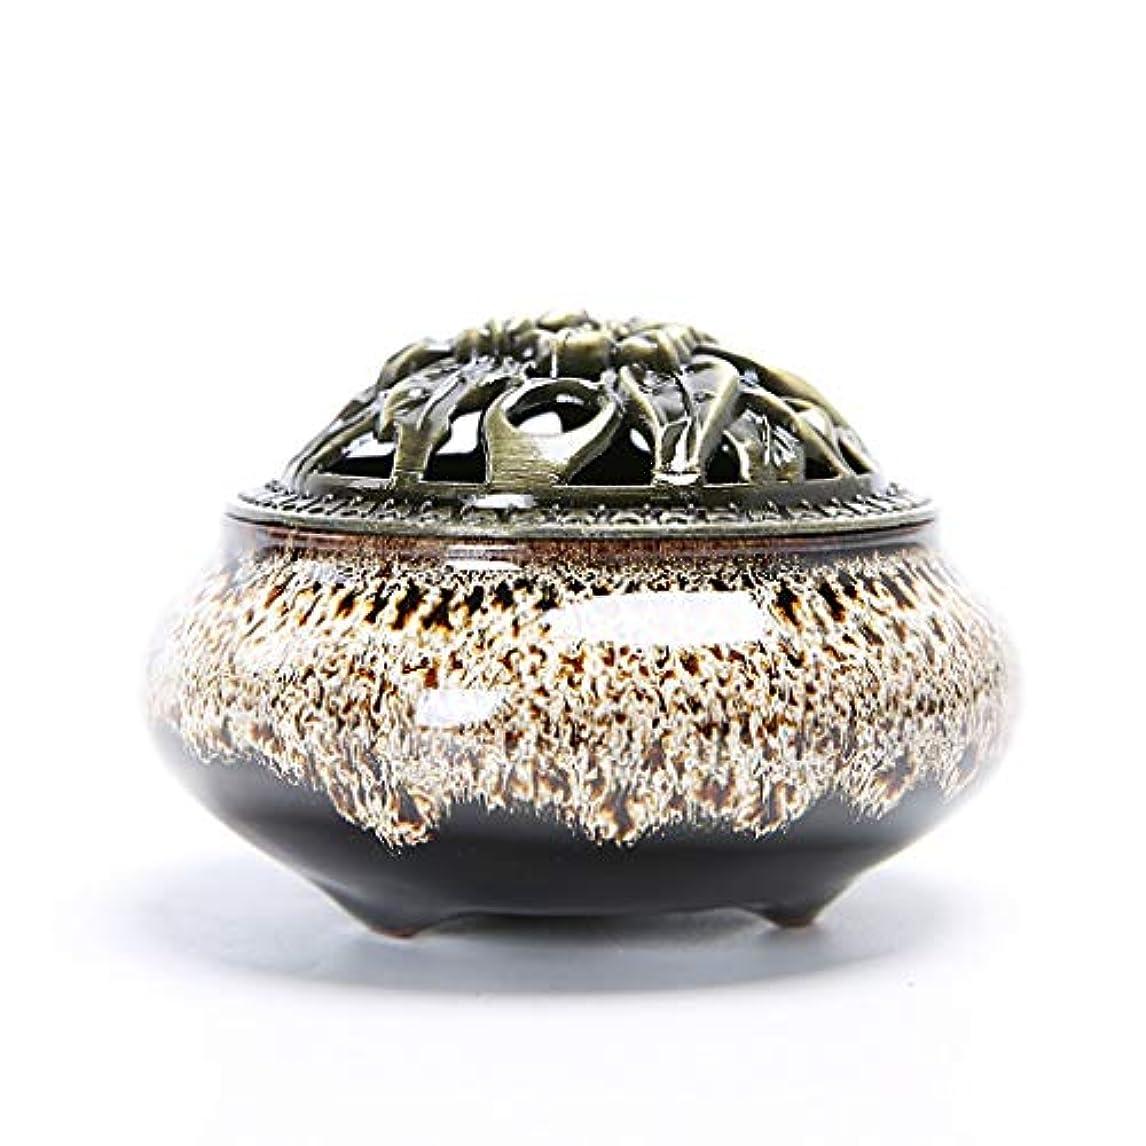 アレルギー性沼地磁気クリエイティブセラミック香炉ホームルーム香スティック/コーン/コイルバーナーホルダー灰キャッチャーホーム仏教の装飾香ホルダー (Color : White, サイズ : 3.93*2.83inchs)